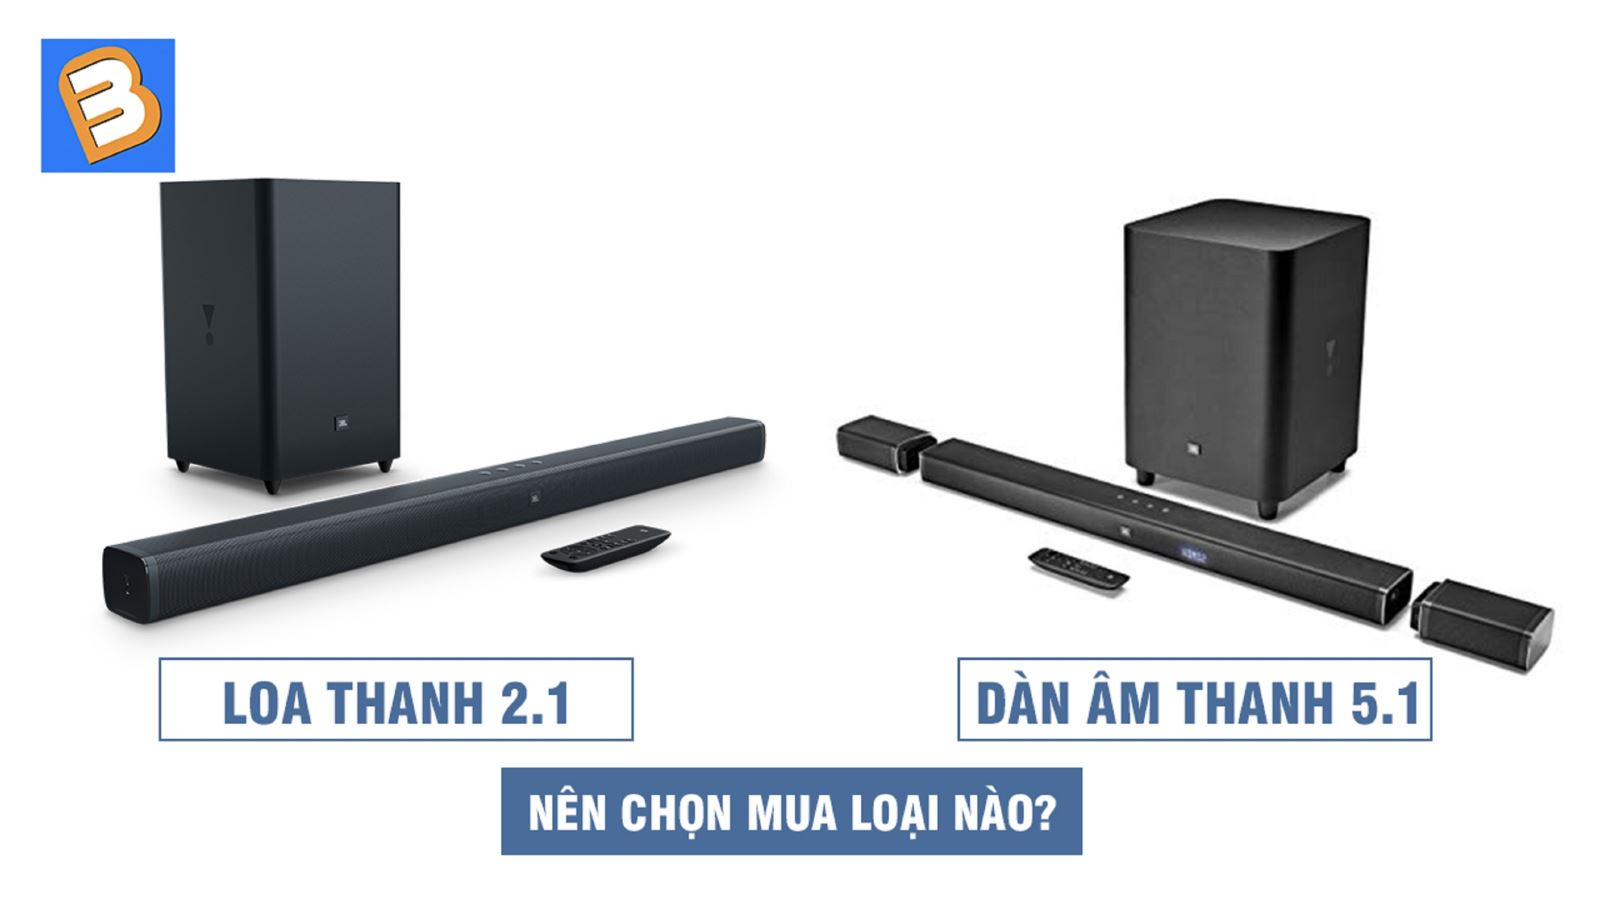 Dàn âm thanh 5.1 vàloa thanh2.1:Nên chọn mua loại nào?